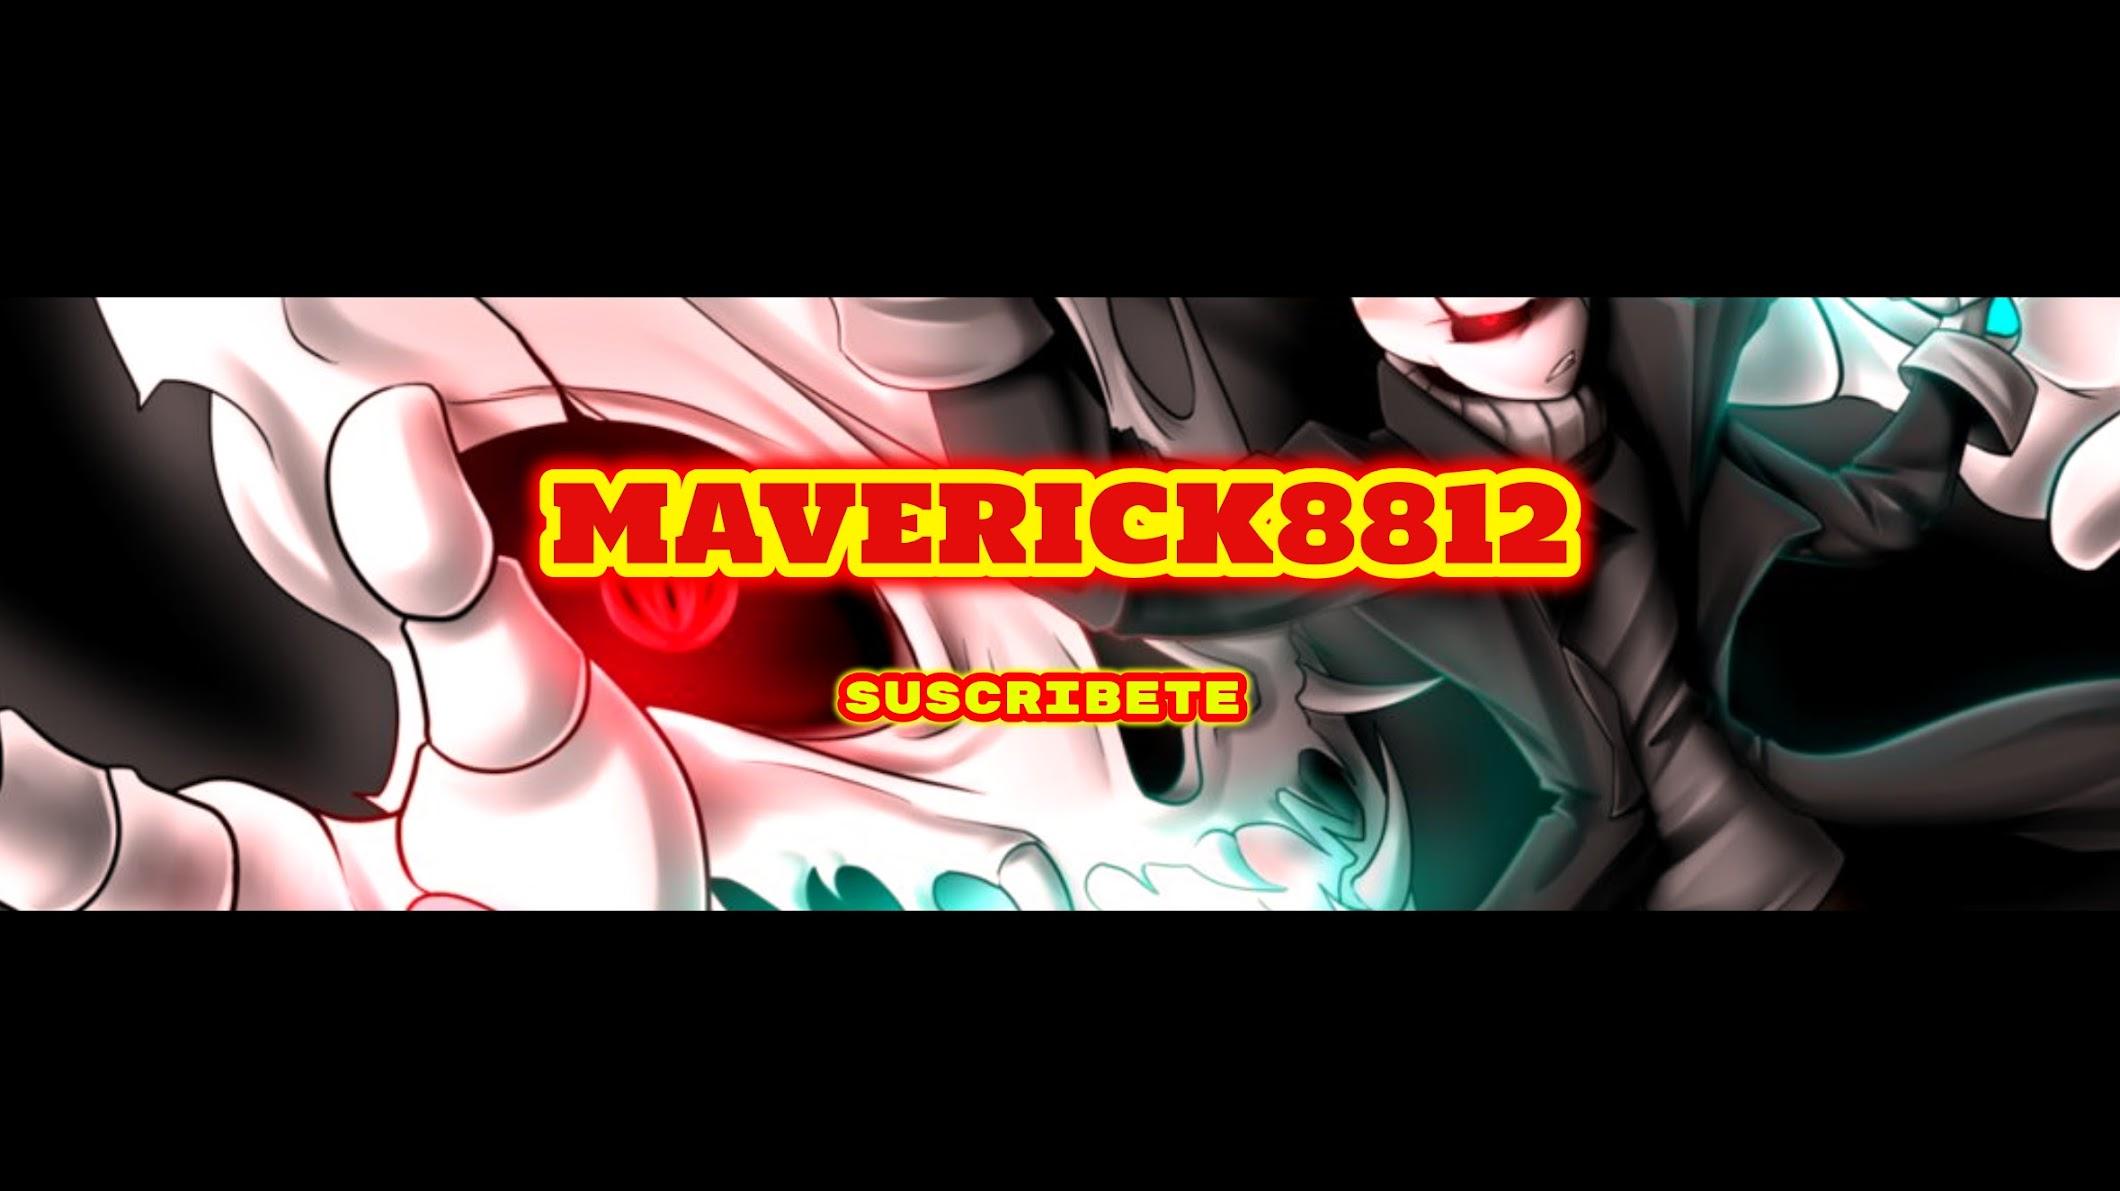 Maverick8812